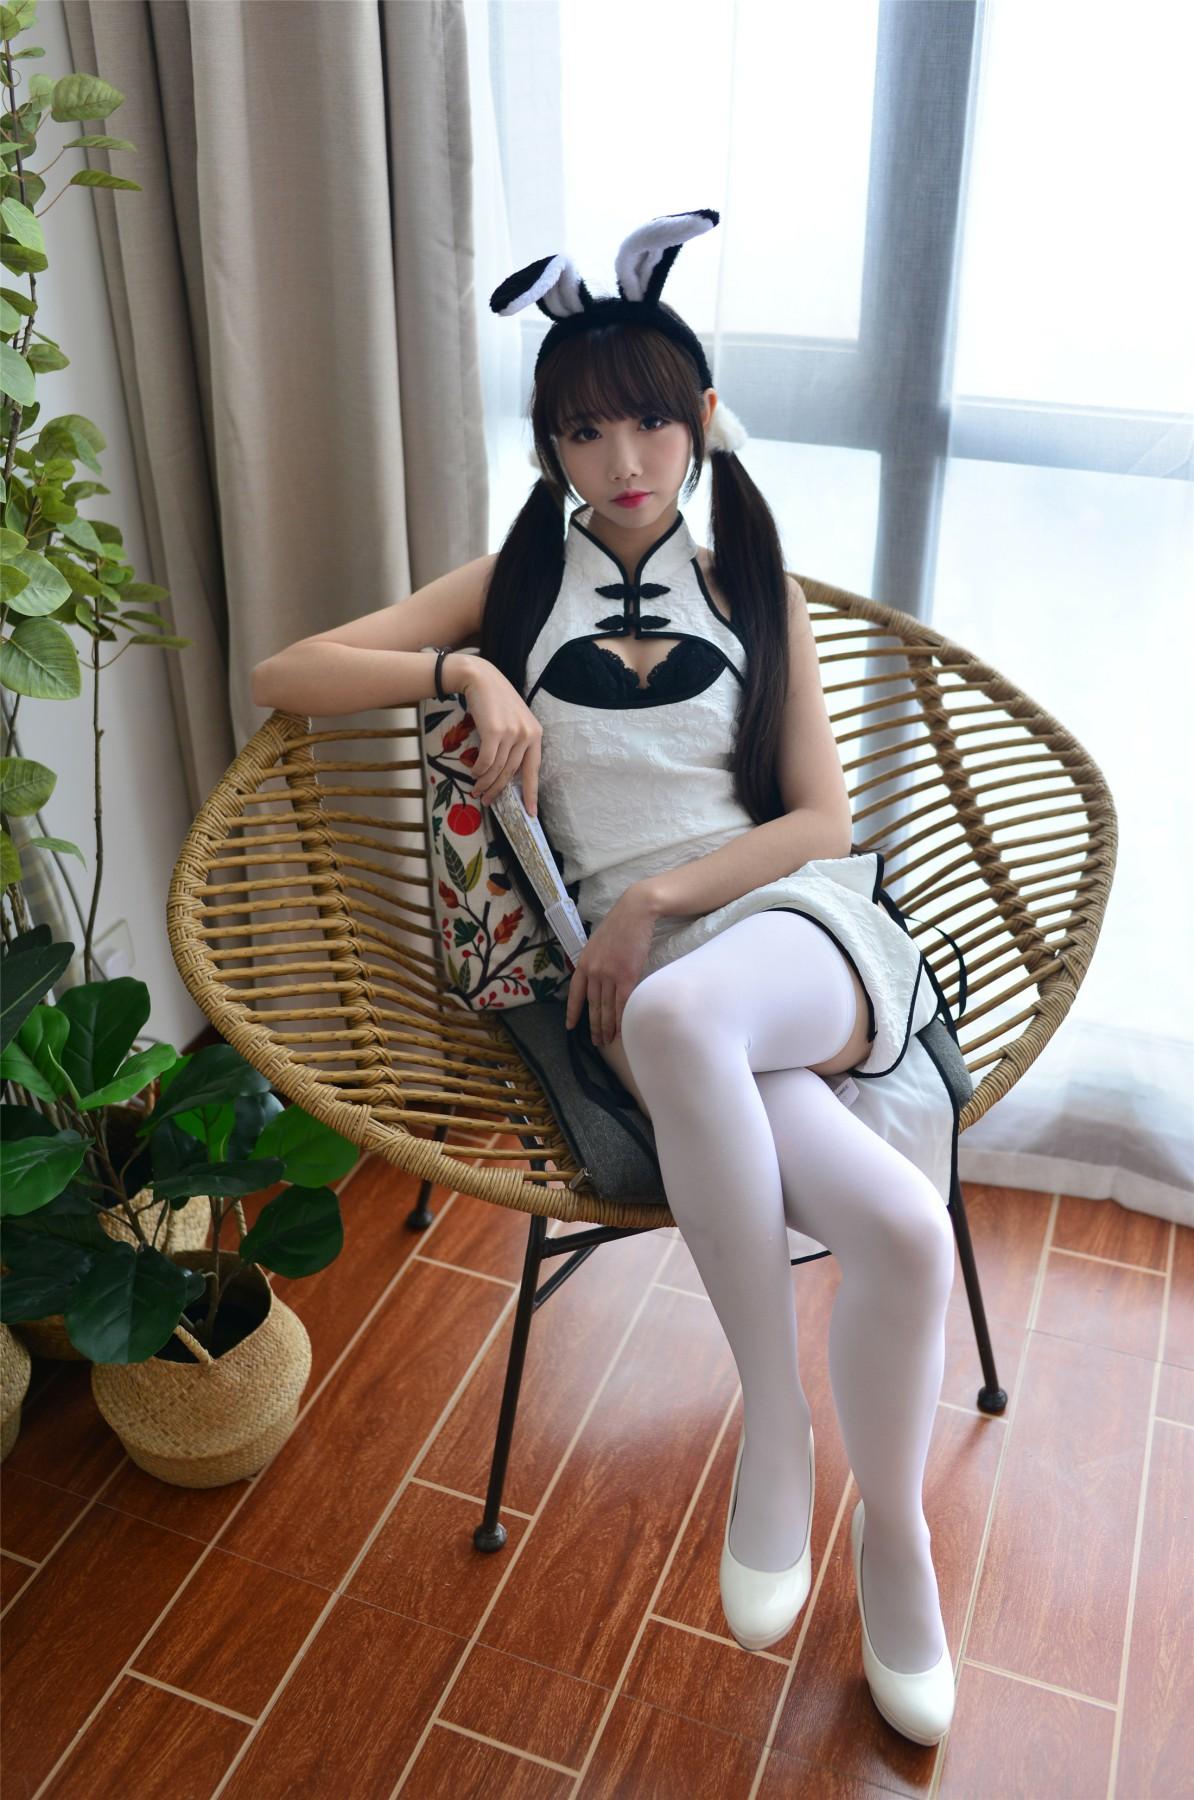 Cos小姐姐雪琪 – 七三旗袍[26P] 角色扮演 第2张